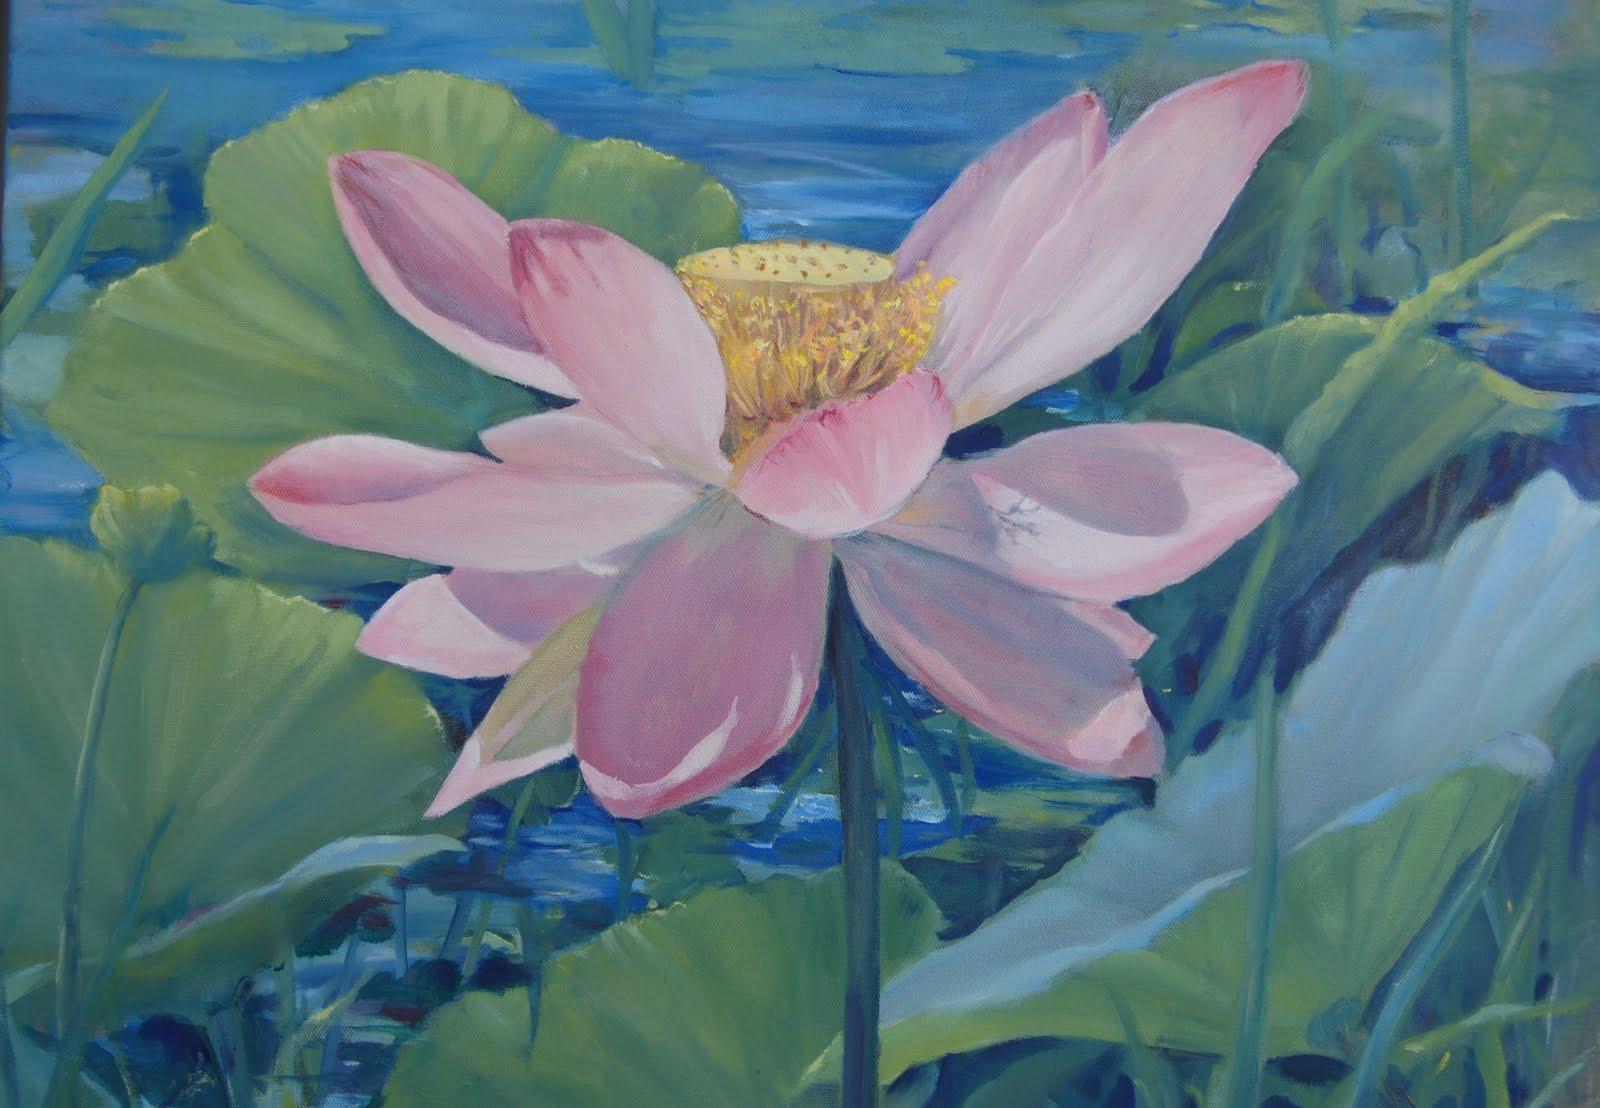 http://3.bp.blogspot.com/_IJHbUAyUoX4/TBgYYp_WFKI/AAAAAAAAAI4/gEln32dQdvA/s1600/paintings+013.JPG